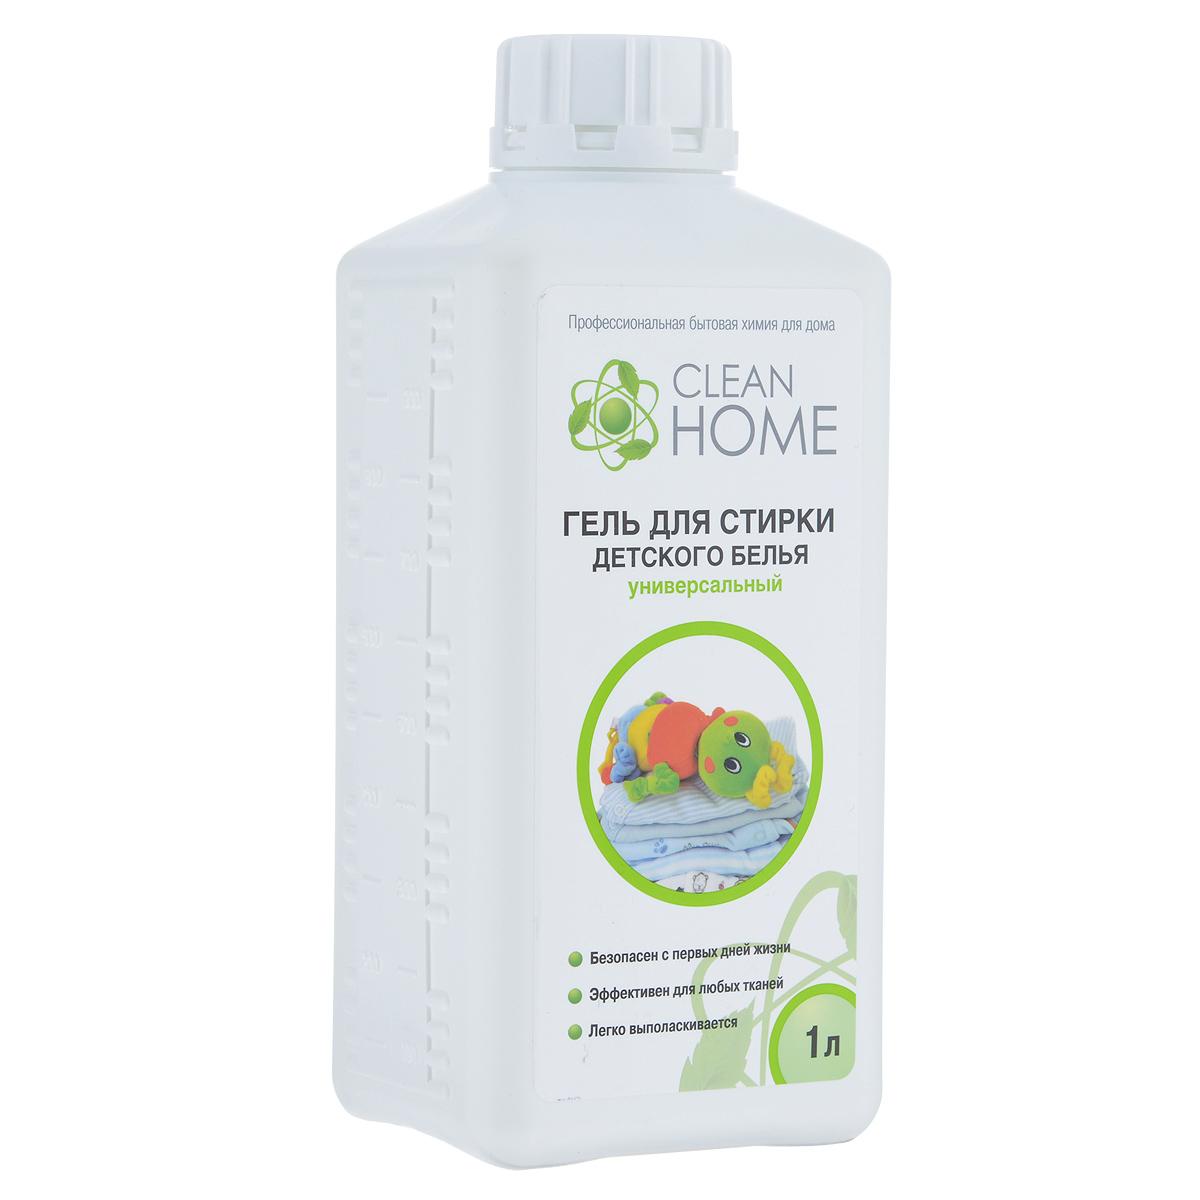 Гель для стирки детского белья Clean Home, 1 л398Мягкое средство Clean Home предназначено для стирки белья и одежды детей любого возраста, в том числе и новорожденных. Не раздражает чувствительную кожу ребенка, не вызывает аллергической реакции на моющее средство. Эффективно отстирывает белье при низких температурах и легко выполаскивается. Обеспечивает бережный уход за тканью. Безопасно для здоровья, так как не содержит хлора, фосфатов, красителей и других химически агрессивных компонентов. Подходит как для ручной стирки, так и для стиральных машин любого типа. Линия профессиональной бытовой химии для дома Clean Home представлена гаммой средств для стирки и уборки дома. Clean Home - это весь необходимый ряд высокоэффективных универсальных средств европейского качества. Состав: вода, 5-15% АПАВ, менее 5% НПАВ, фосфонаты, мыло, функциональные добавки, метилхлороизотиазолинон, метилизотиазолинон, отдушка.